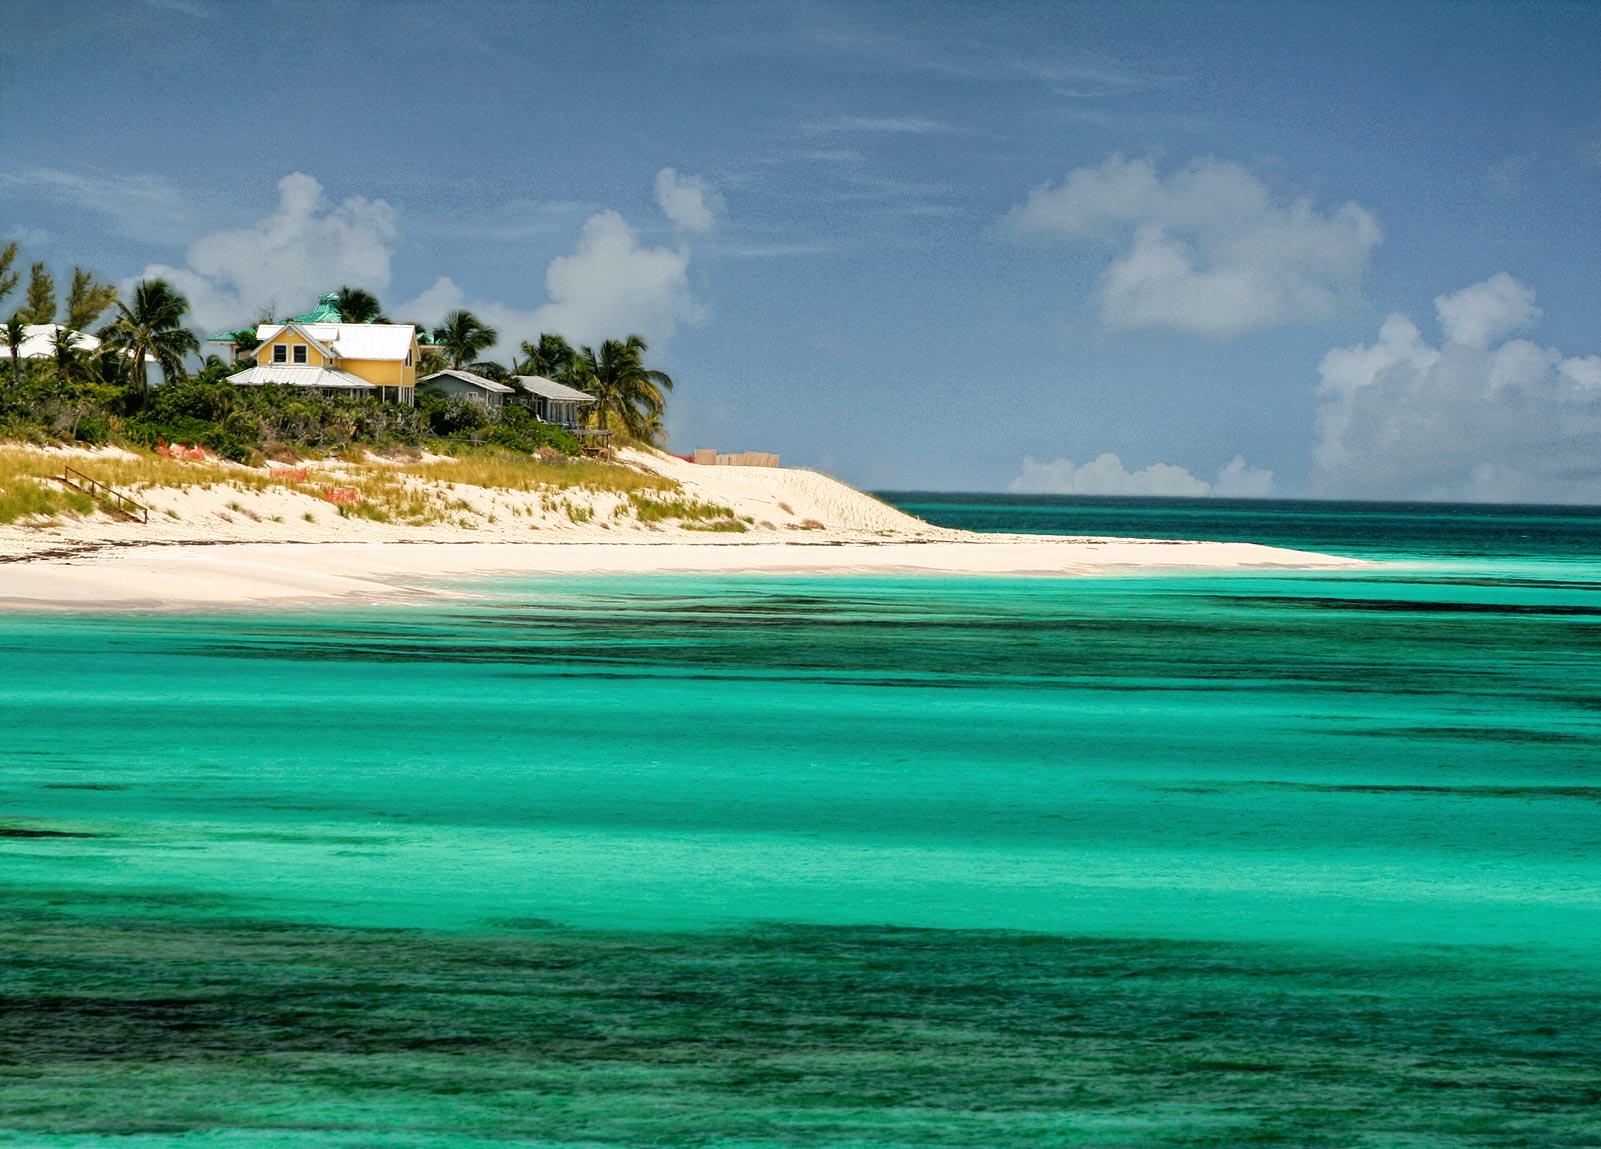 Bimini Bahamas Alice Town Bimini Island